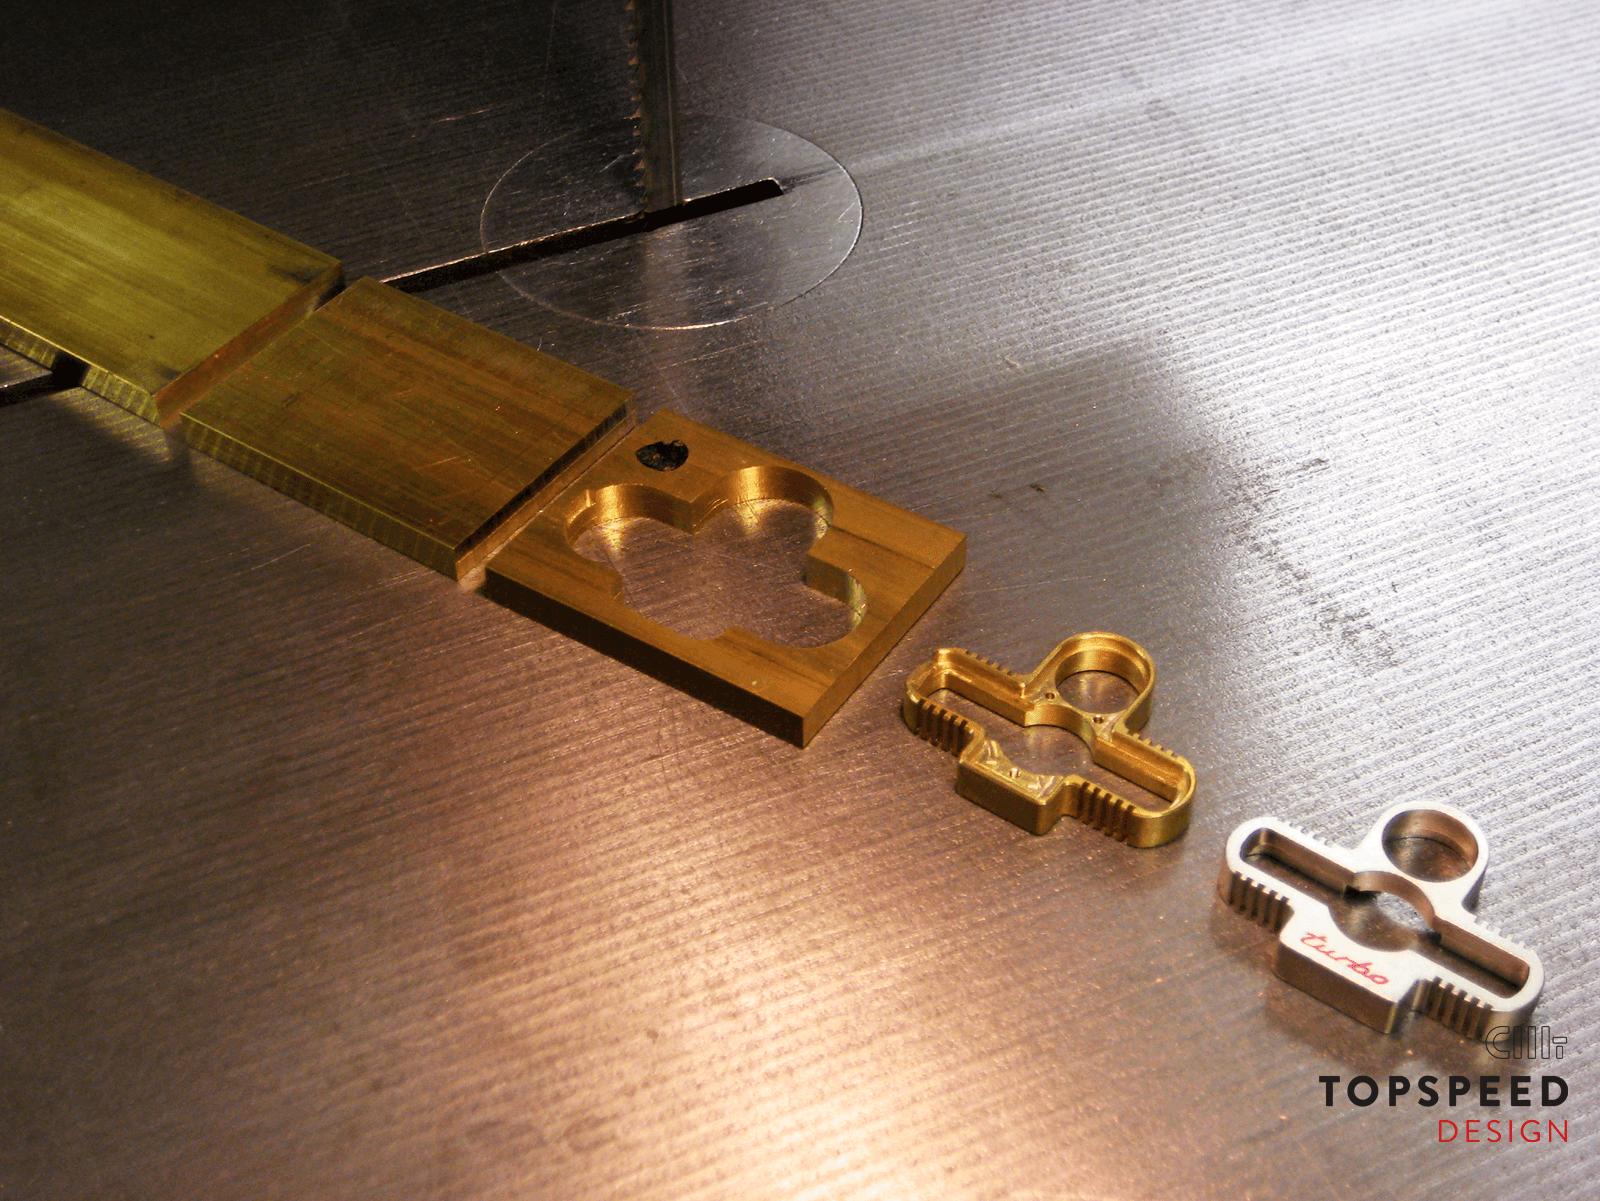 Schlüsselanhänger Motorblöcke Bauteile | Topspeed Design by Bernhard Schmidt